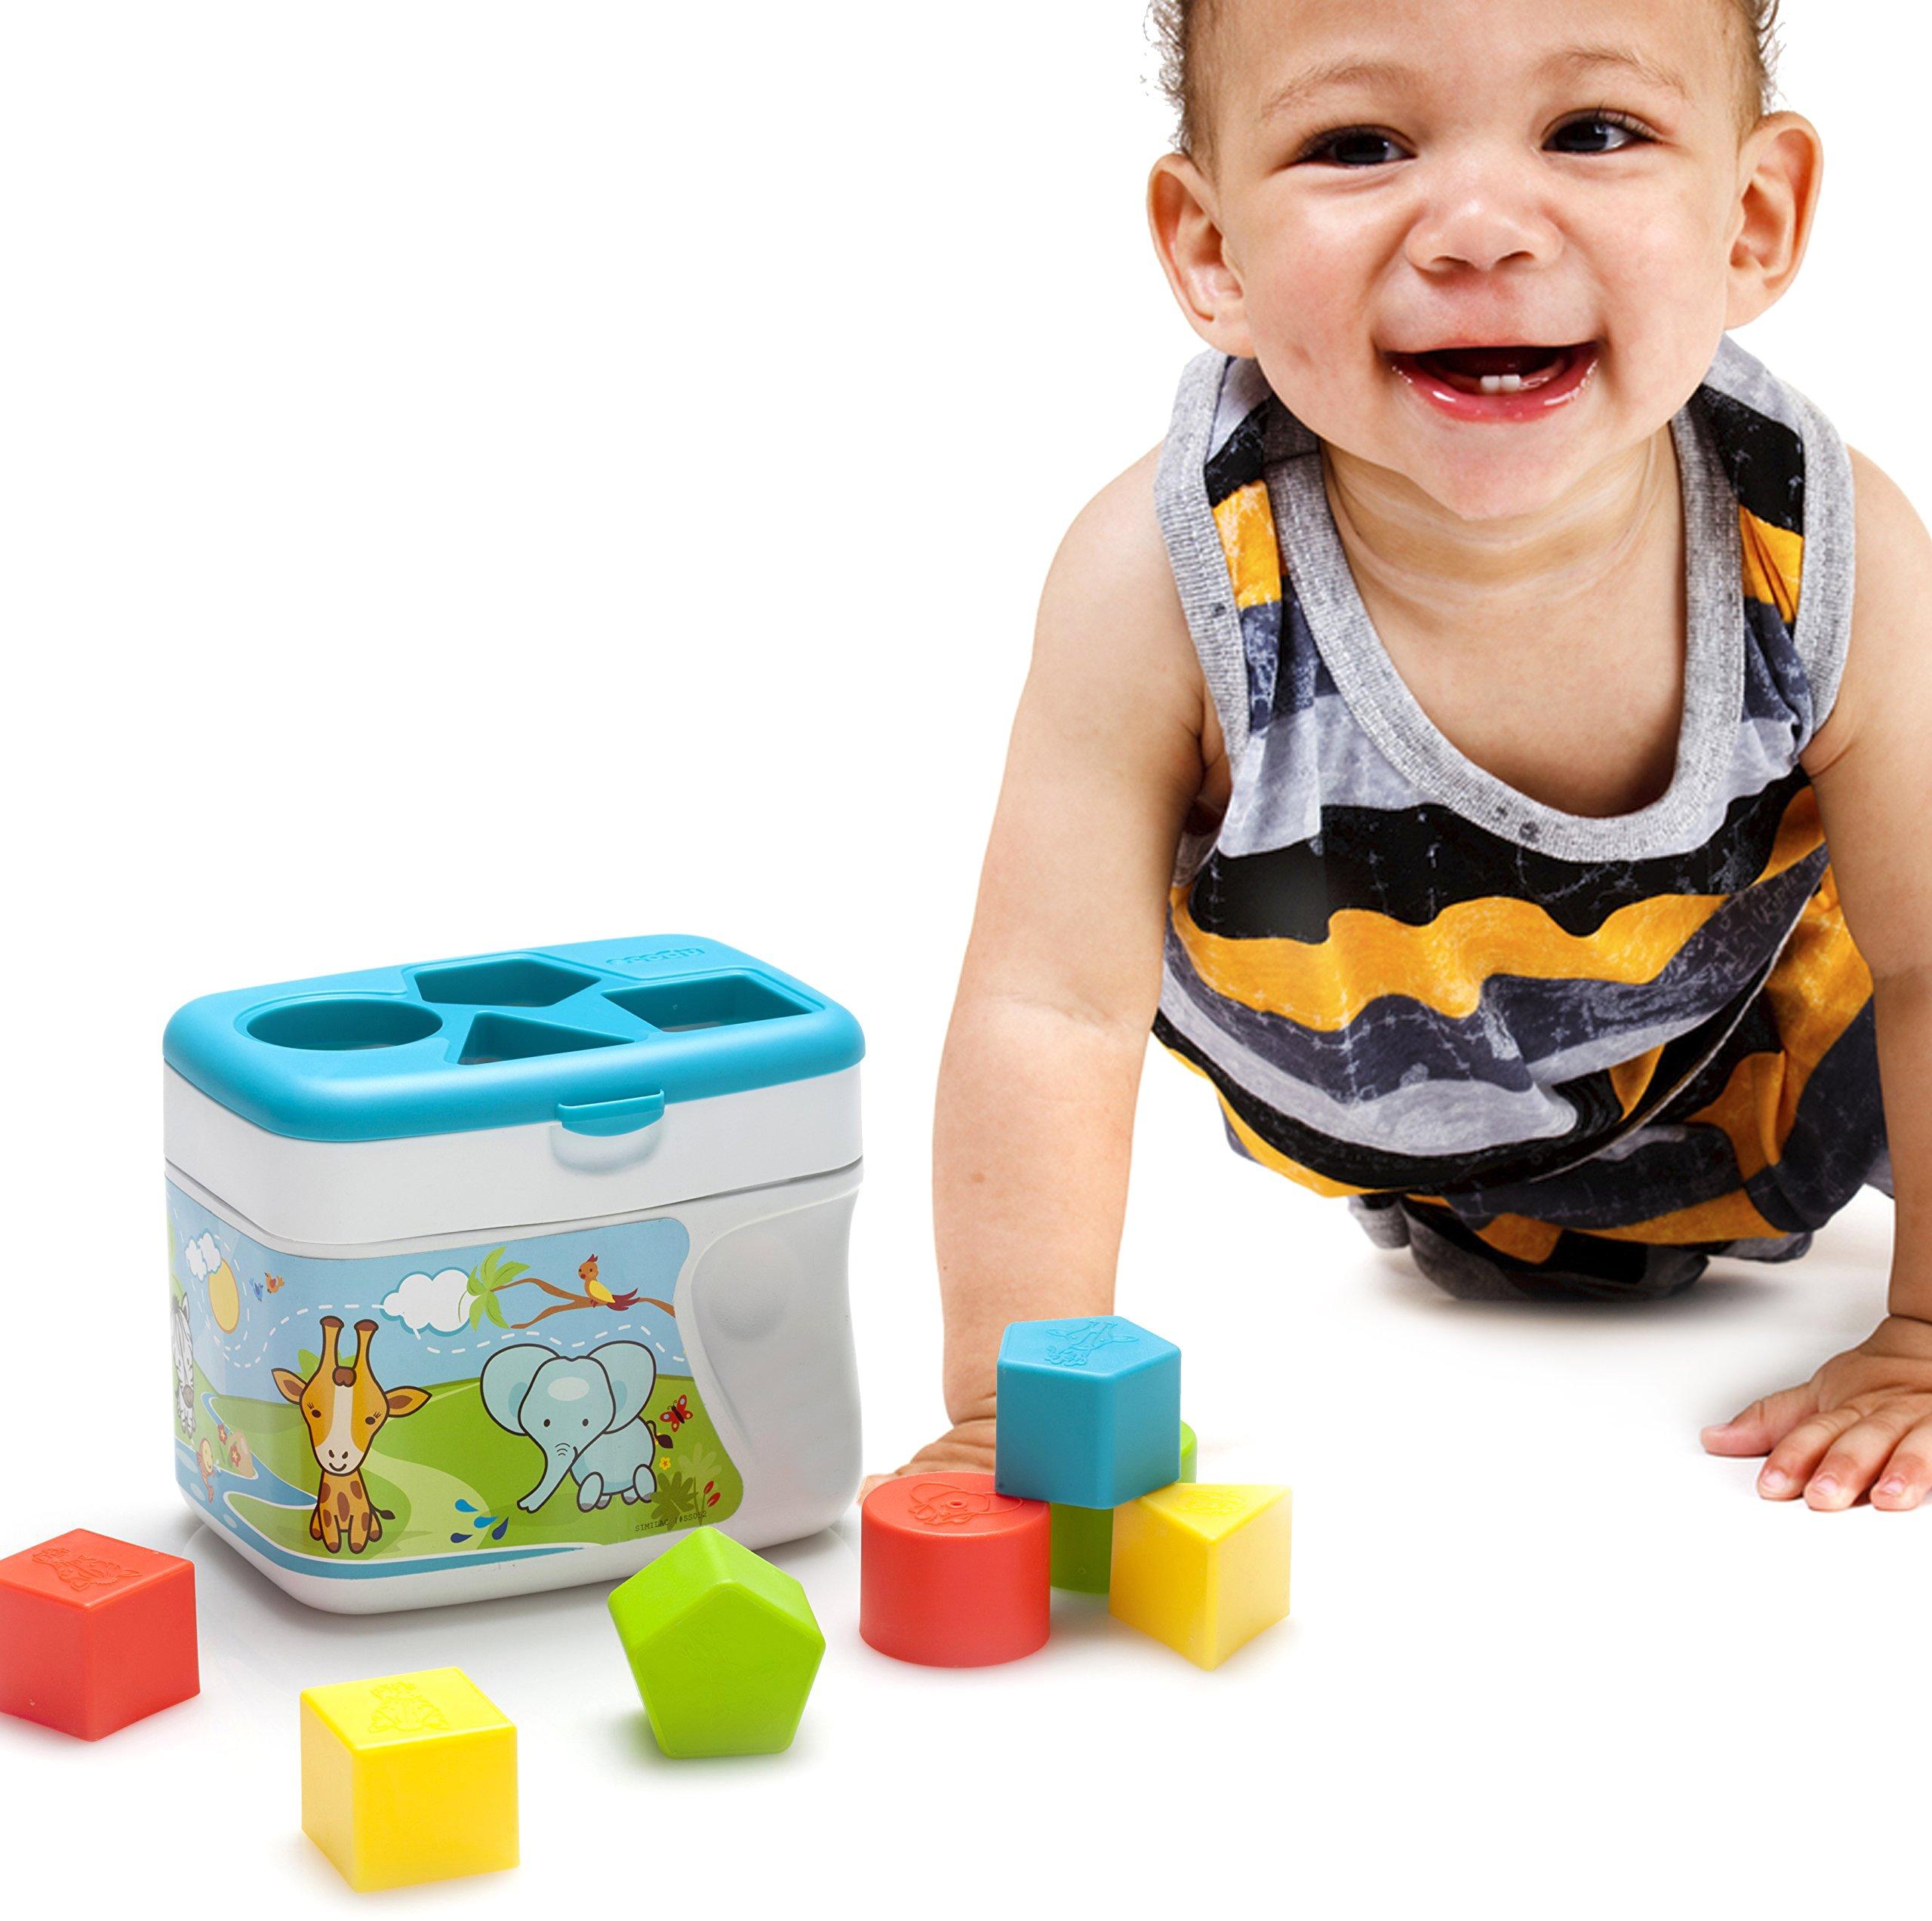 Similac 婴儿* Ecodu 免费形状分类器套装,23.2 盎司